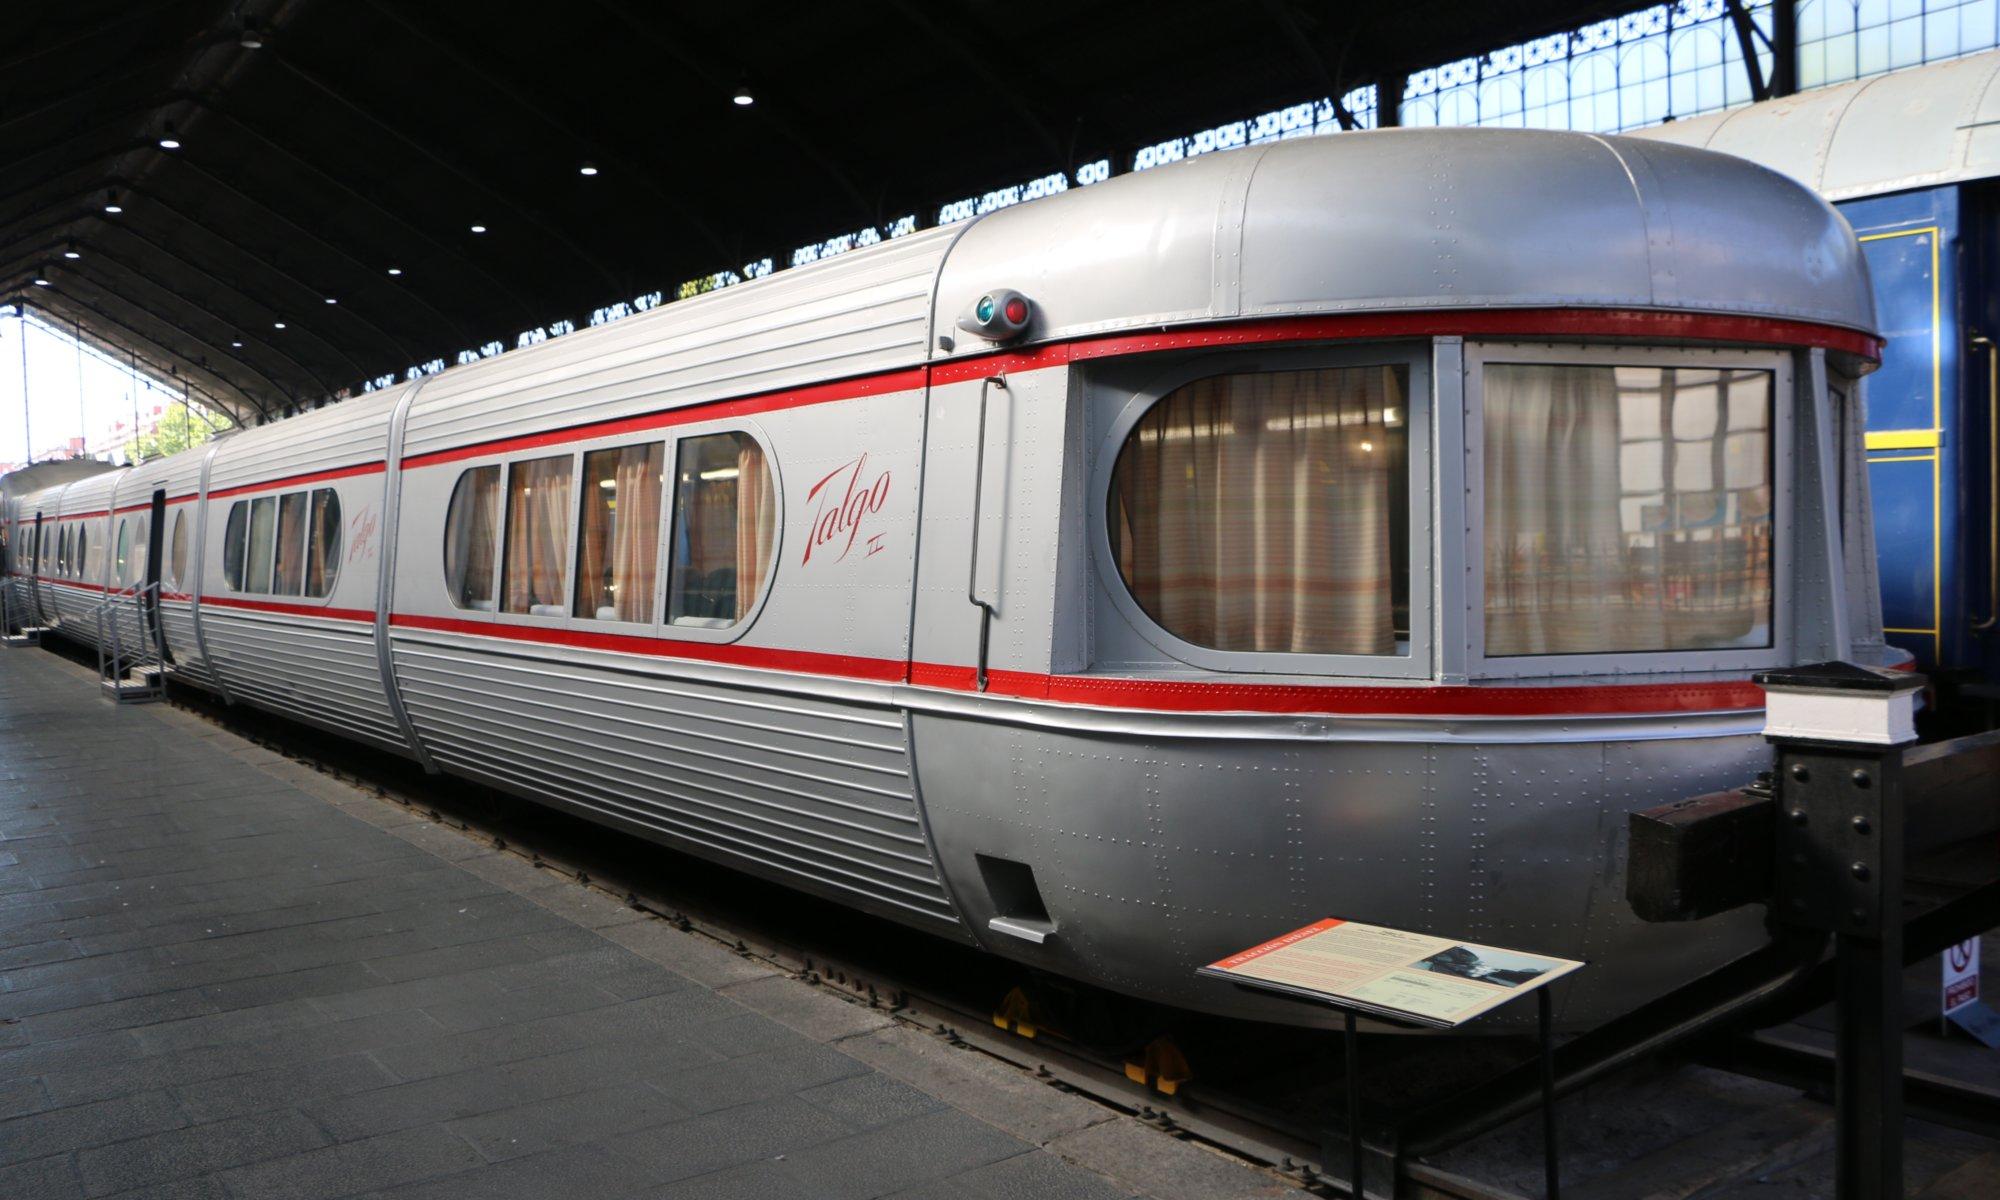 Talgo, Museo del Ferrocarril, Madrid